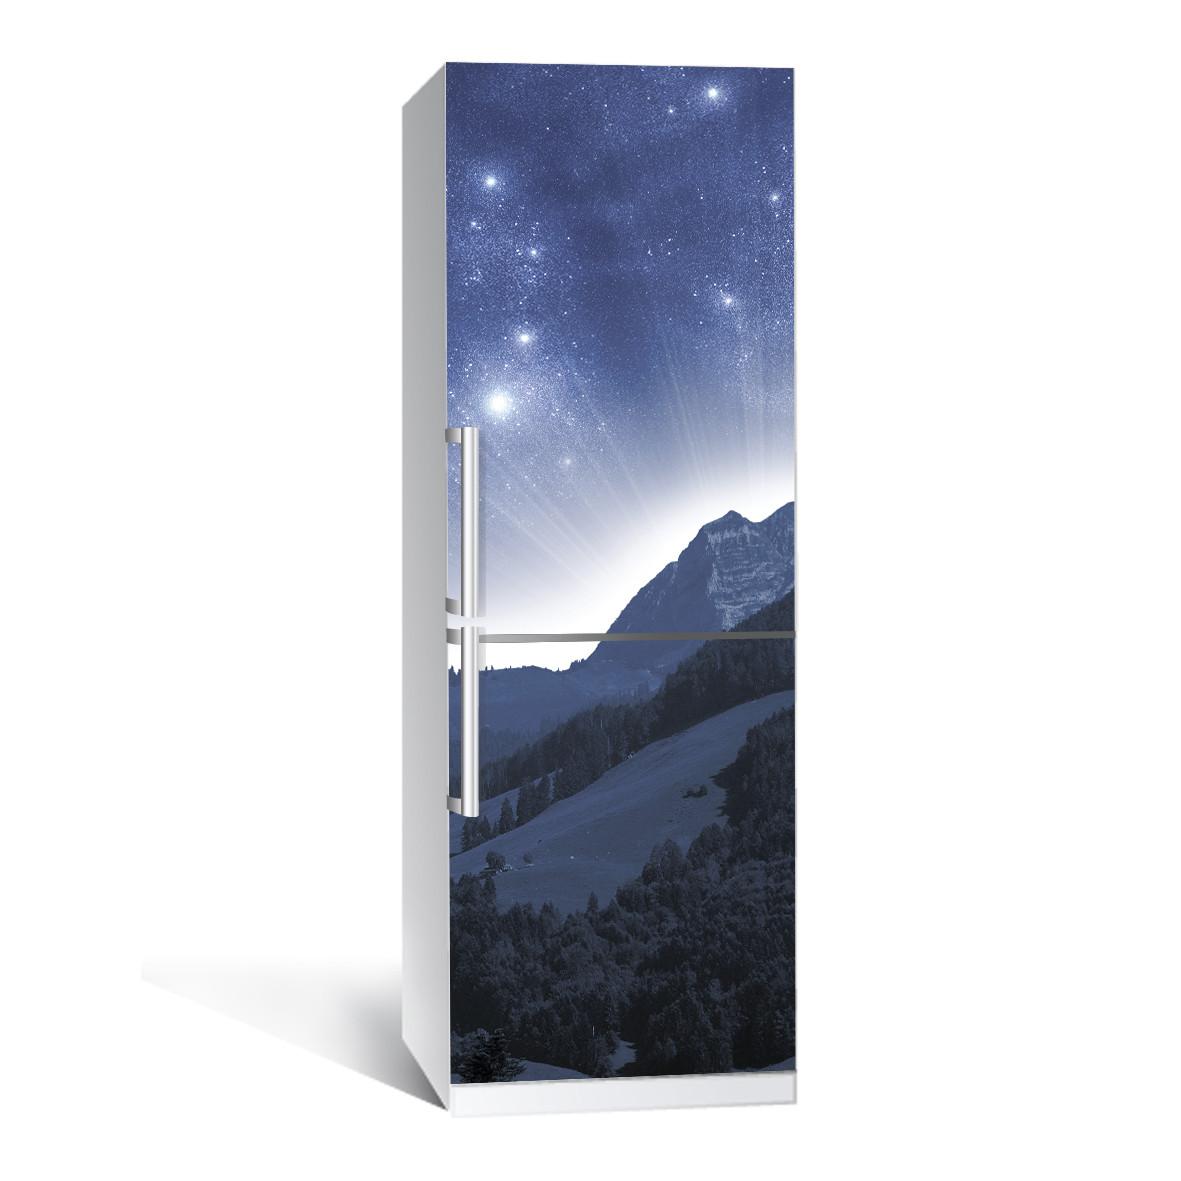 Наліпка на холодильник Zatarga Космос 01(самоклейка, декор), РОЗПРОДАЖ у зв'язку з неточністю друку